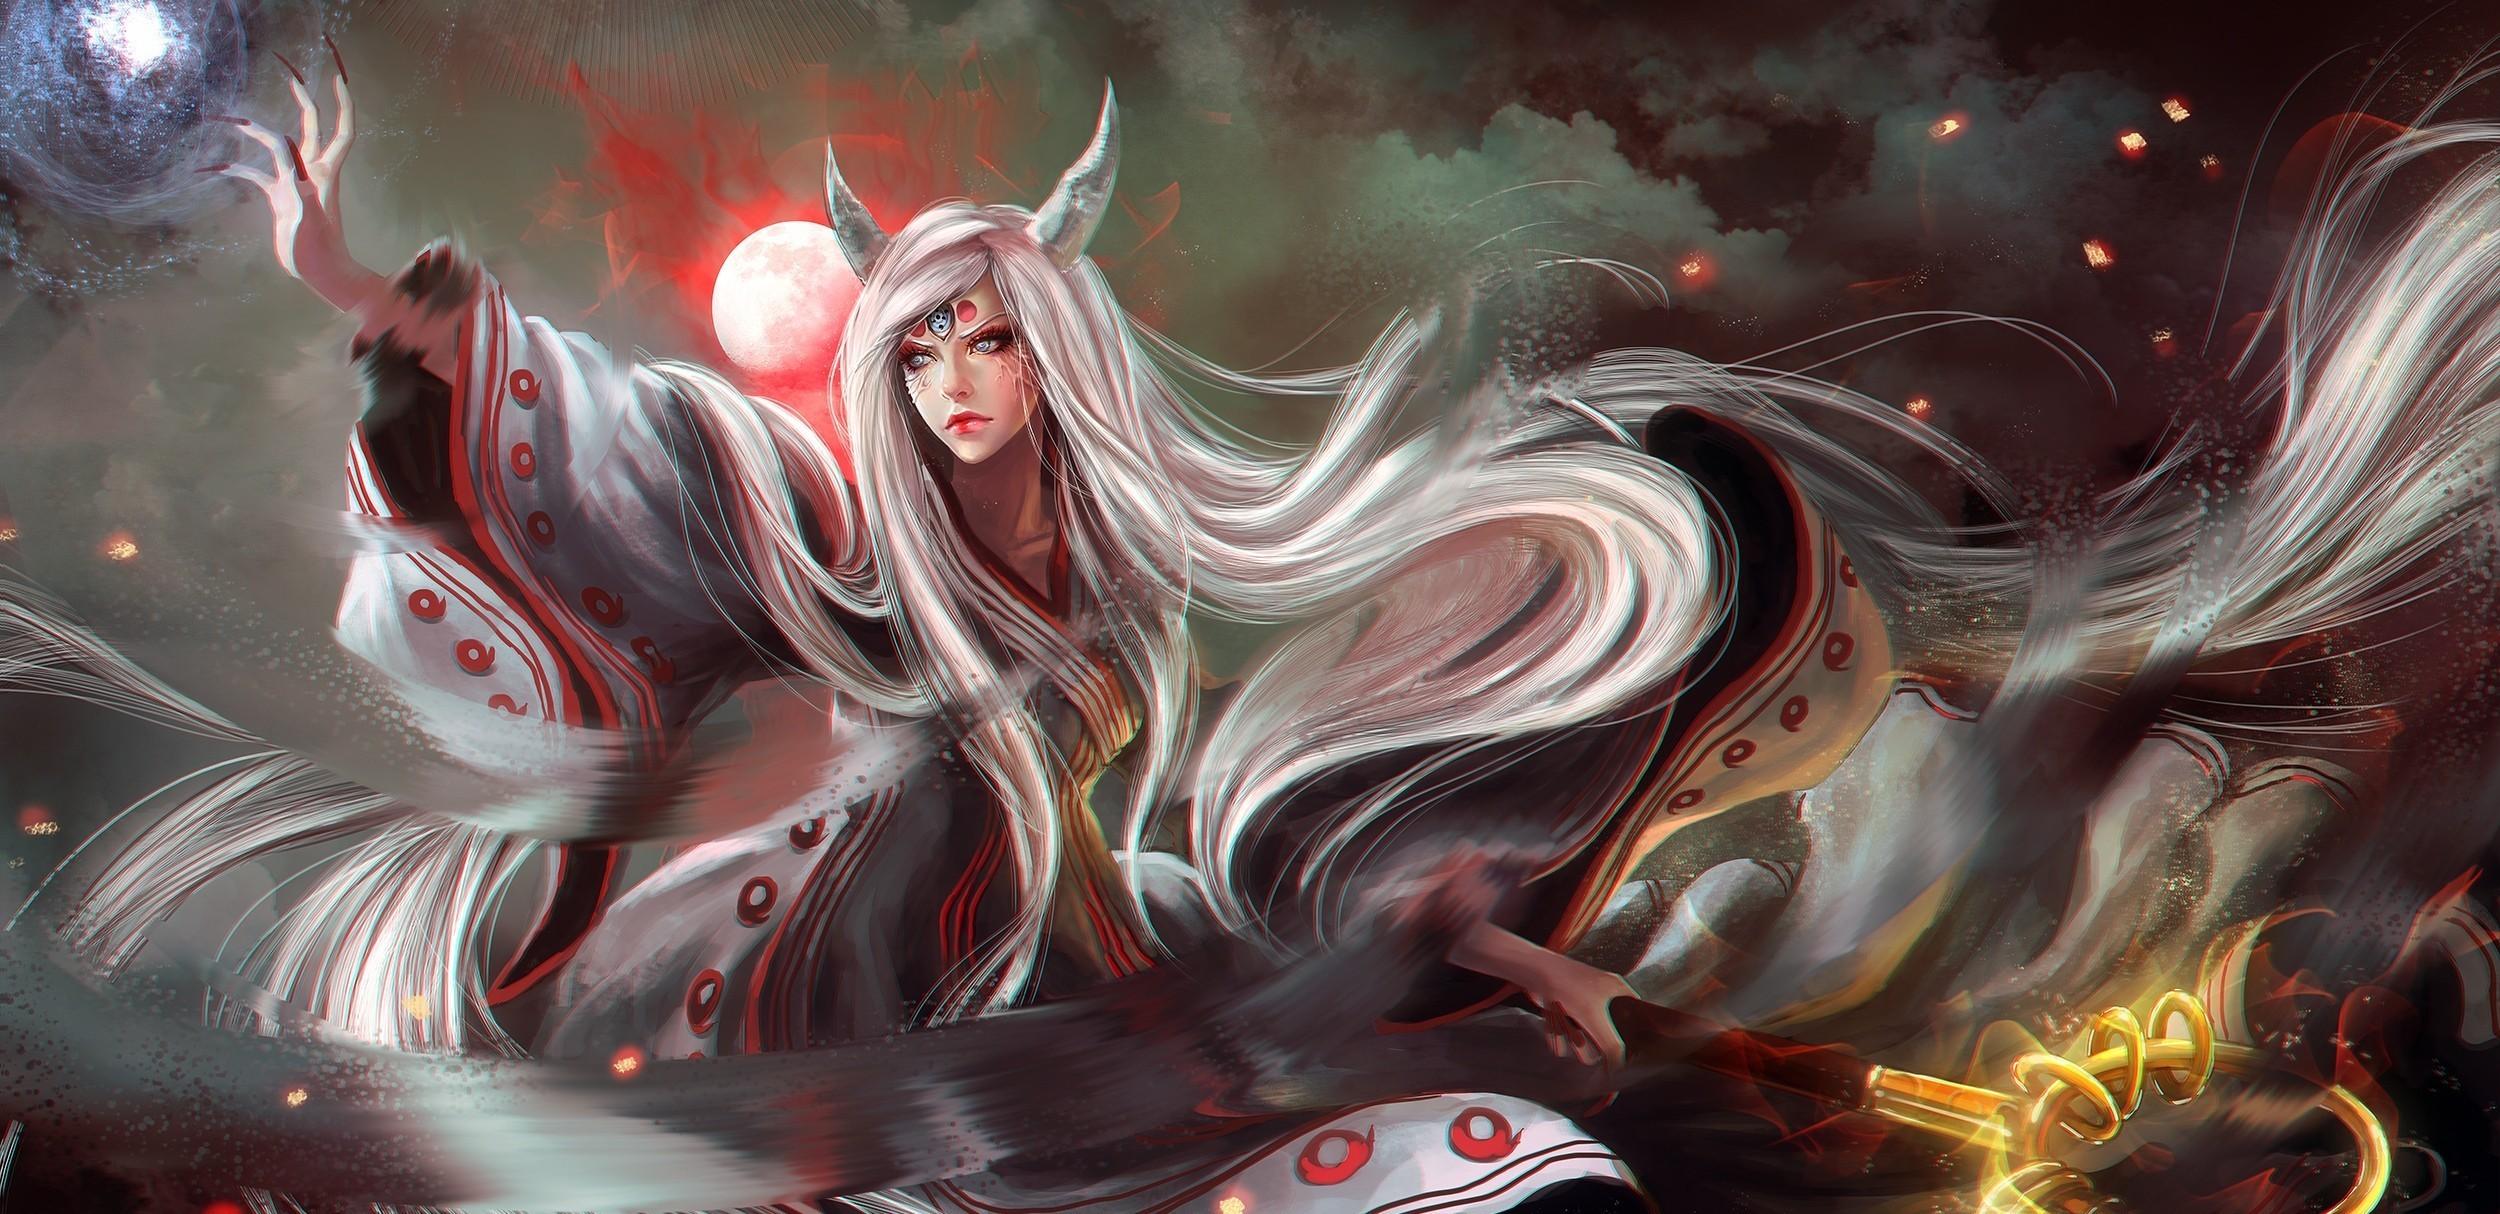 Papel de parede : Fantasia arte, Anime, Meninas anime, Naruto Shippuuden, Dragão, realista ...